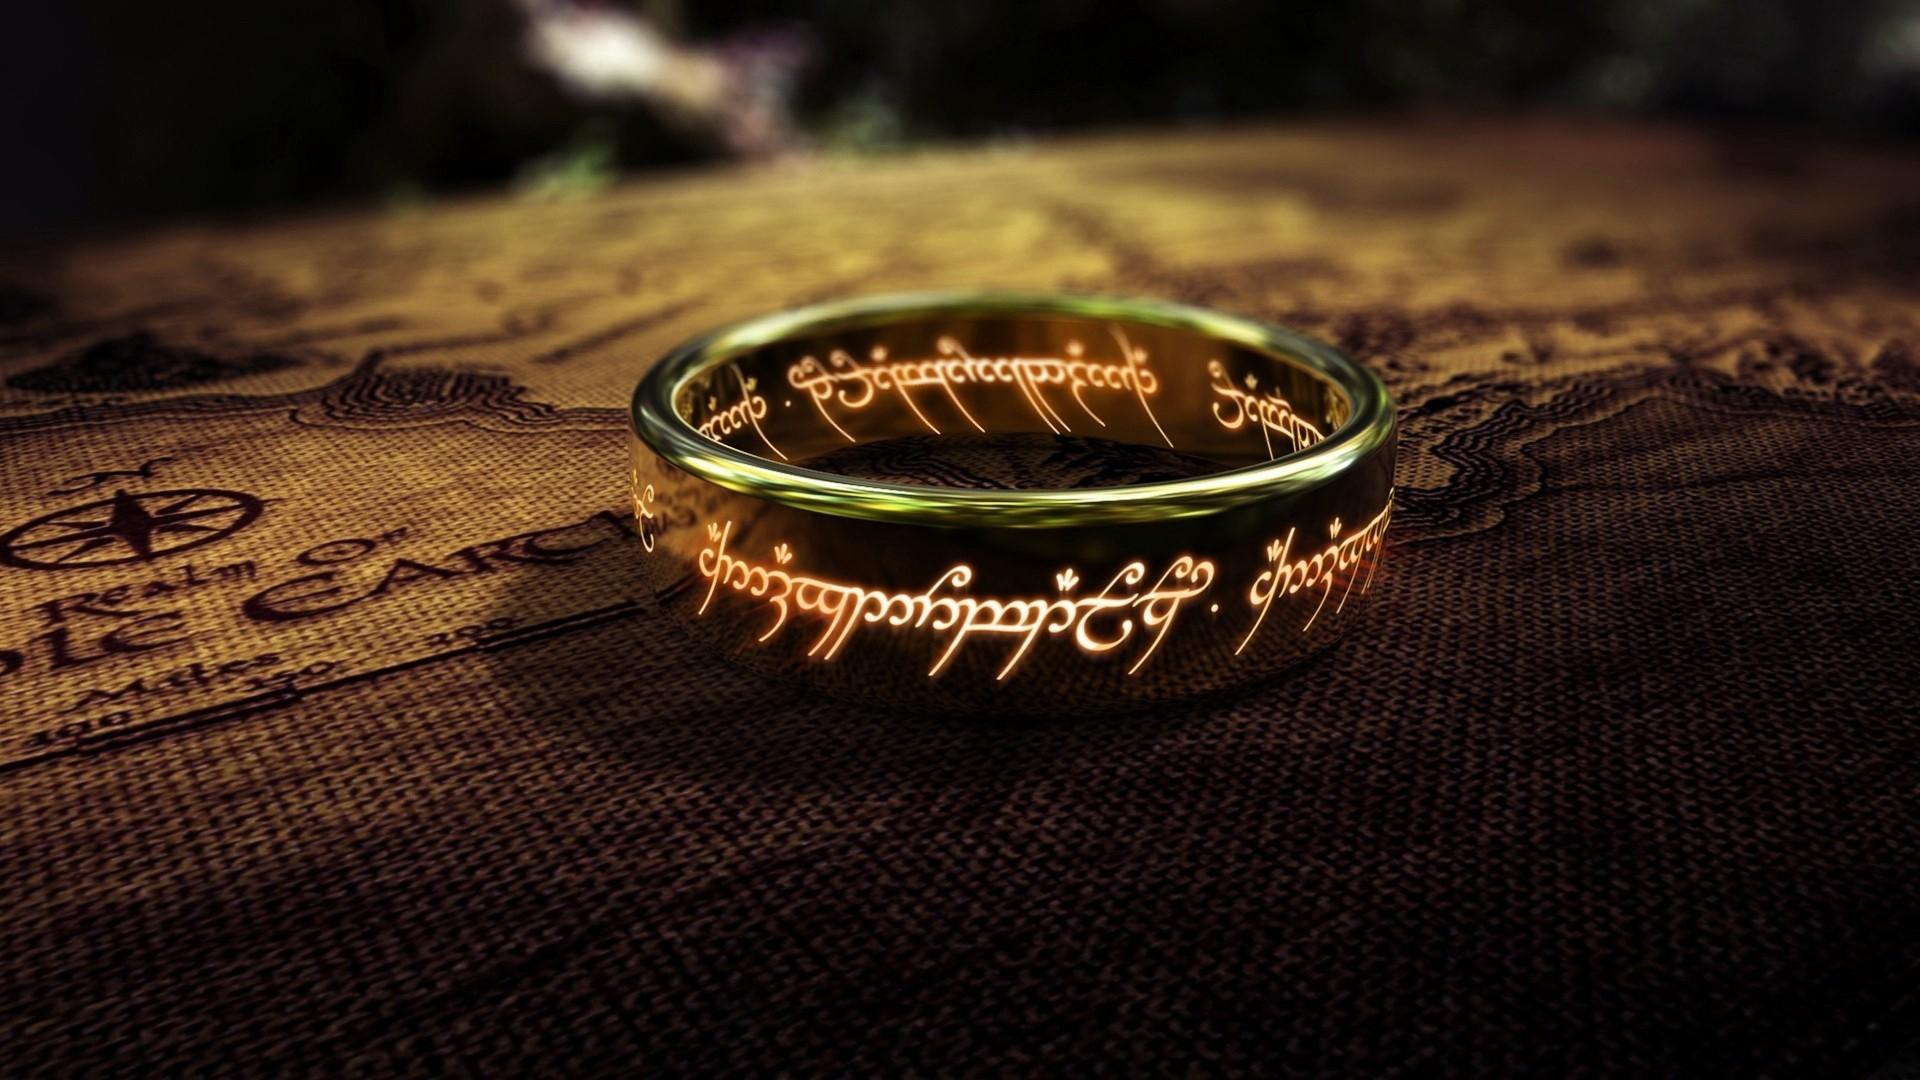 L'unico anello, oggetto principale di The Lord of the Rings, inquadrato con le scritte di fuoco lungo la fascia, adagiato su una cartina della Terra di Mezzo